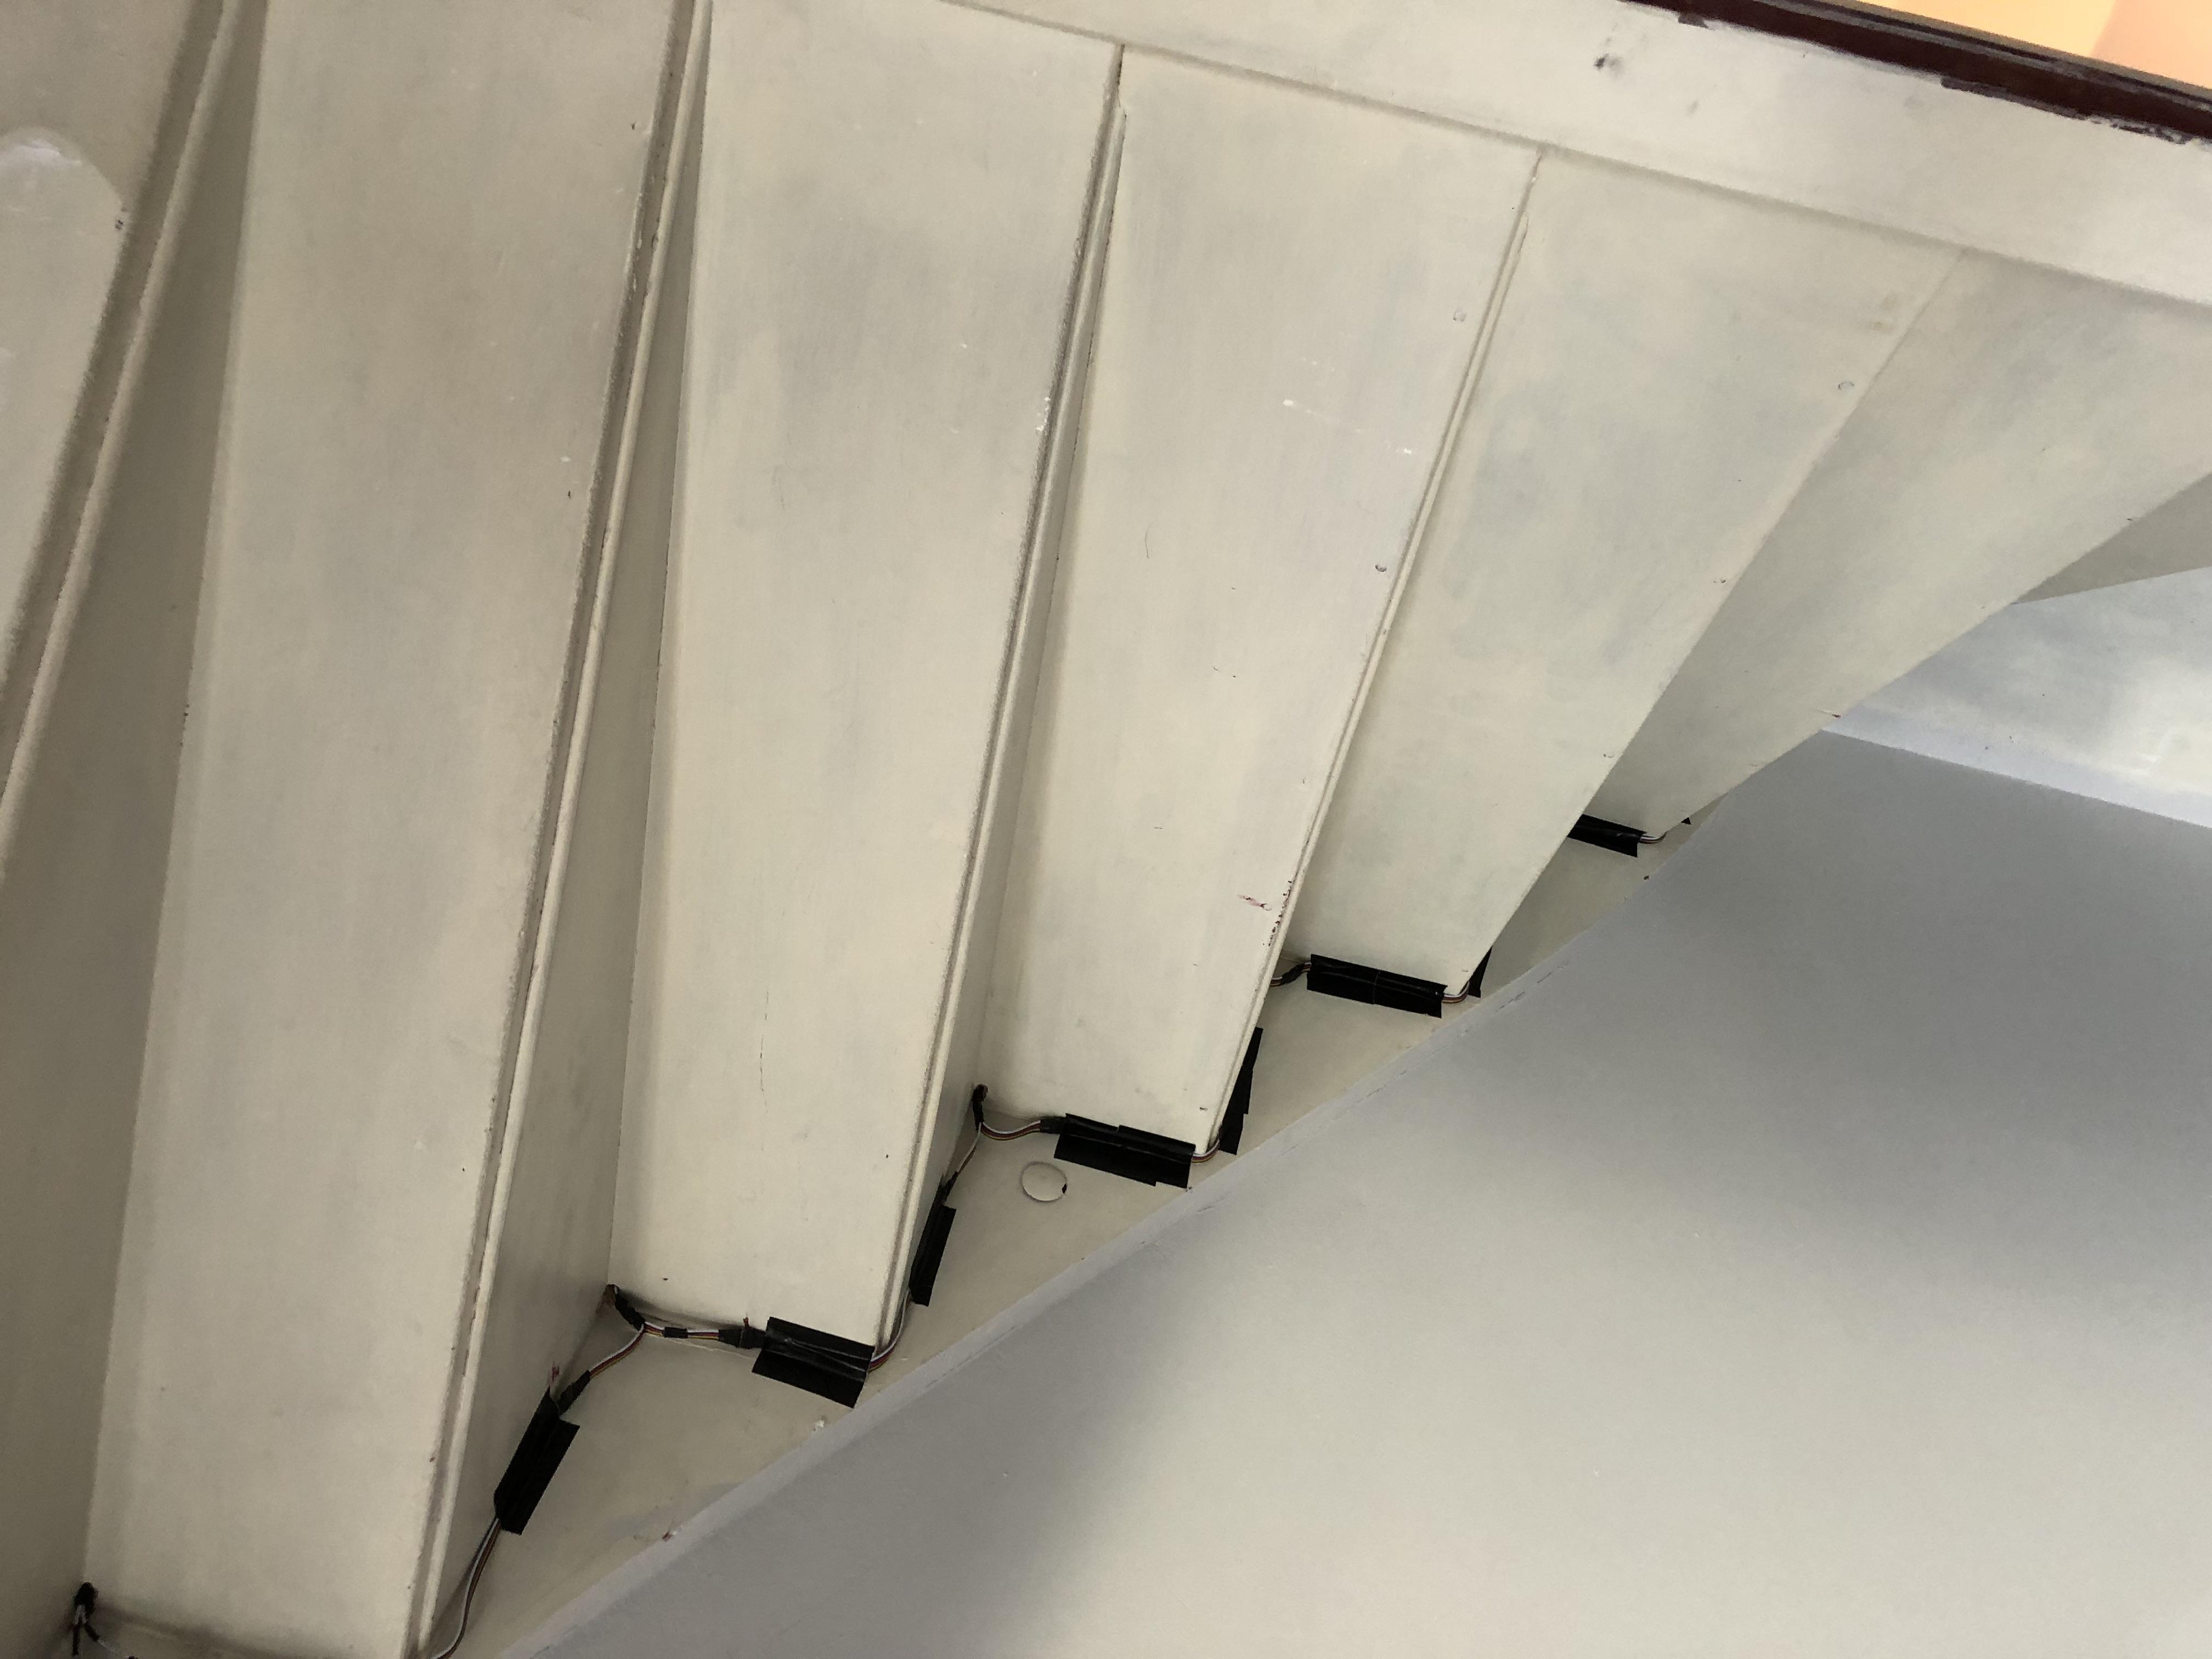 https://wenix.eu/img/stairs/IMG_2367.JPG